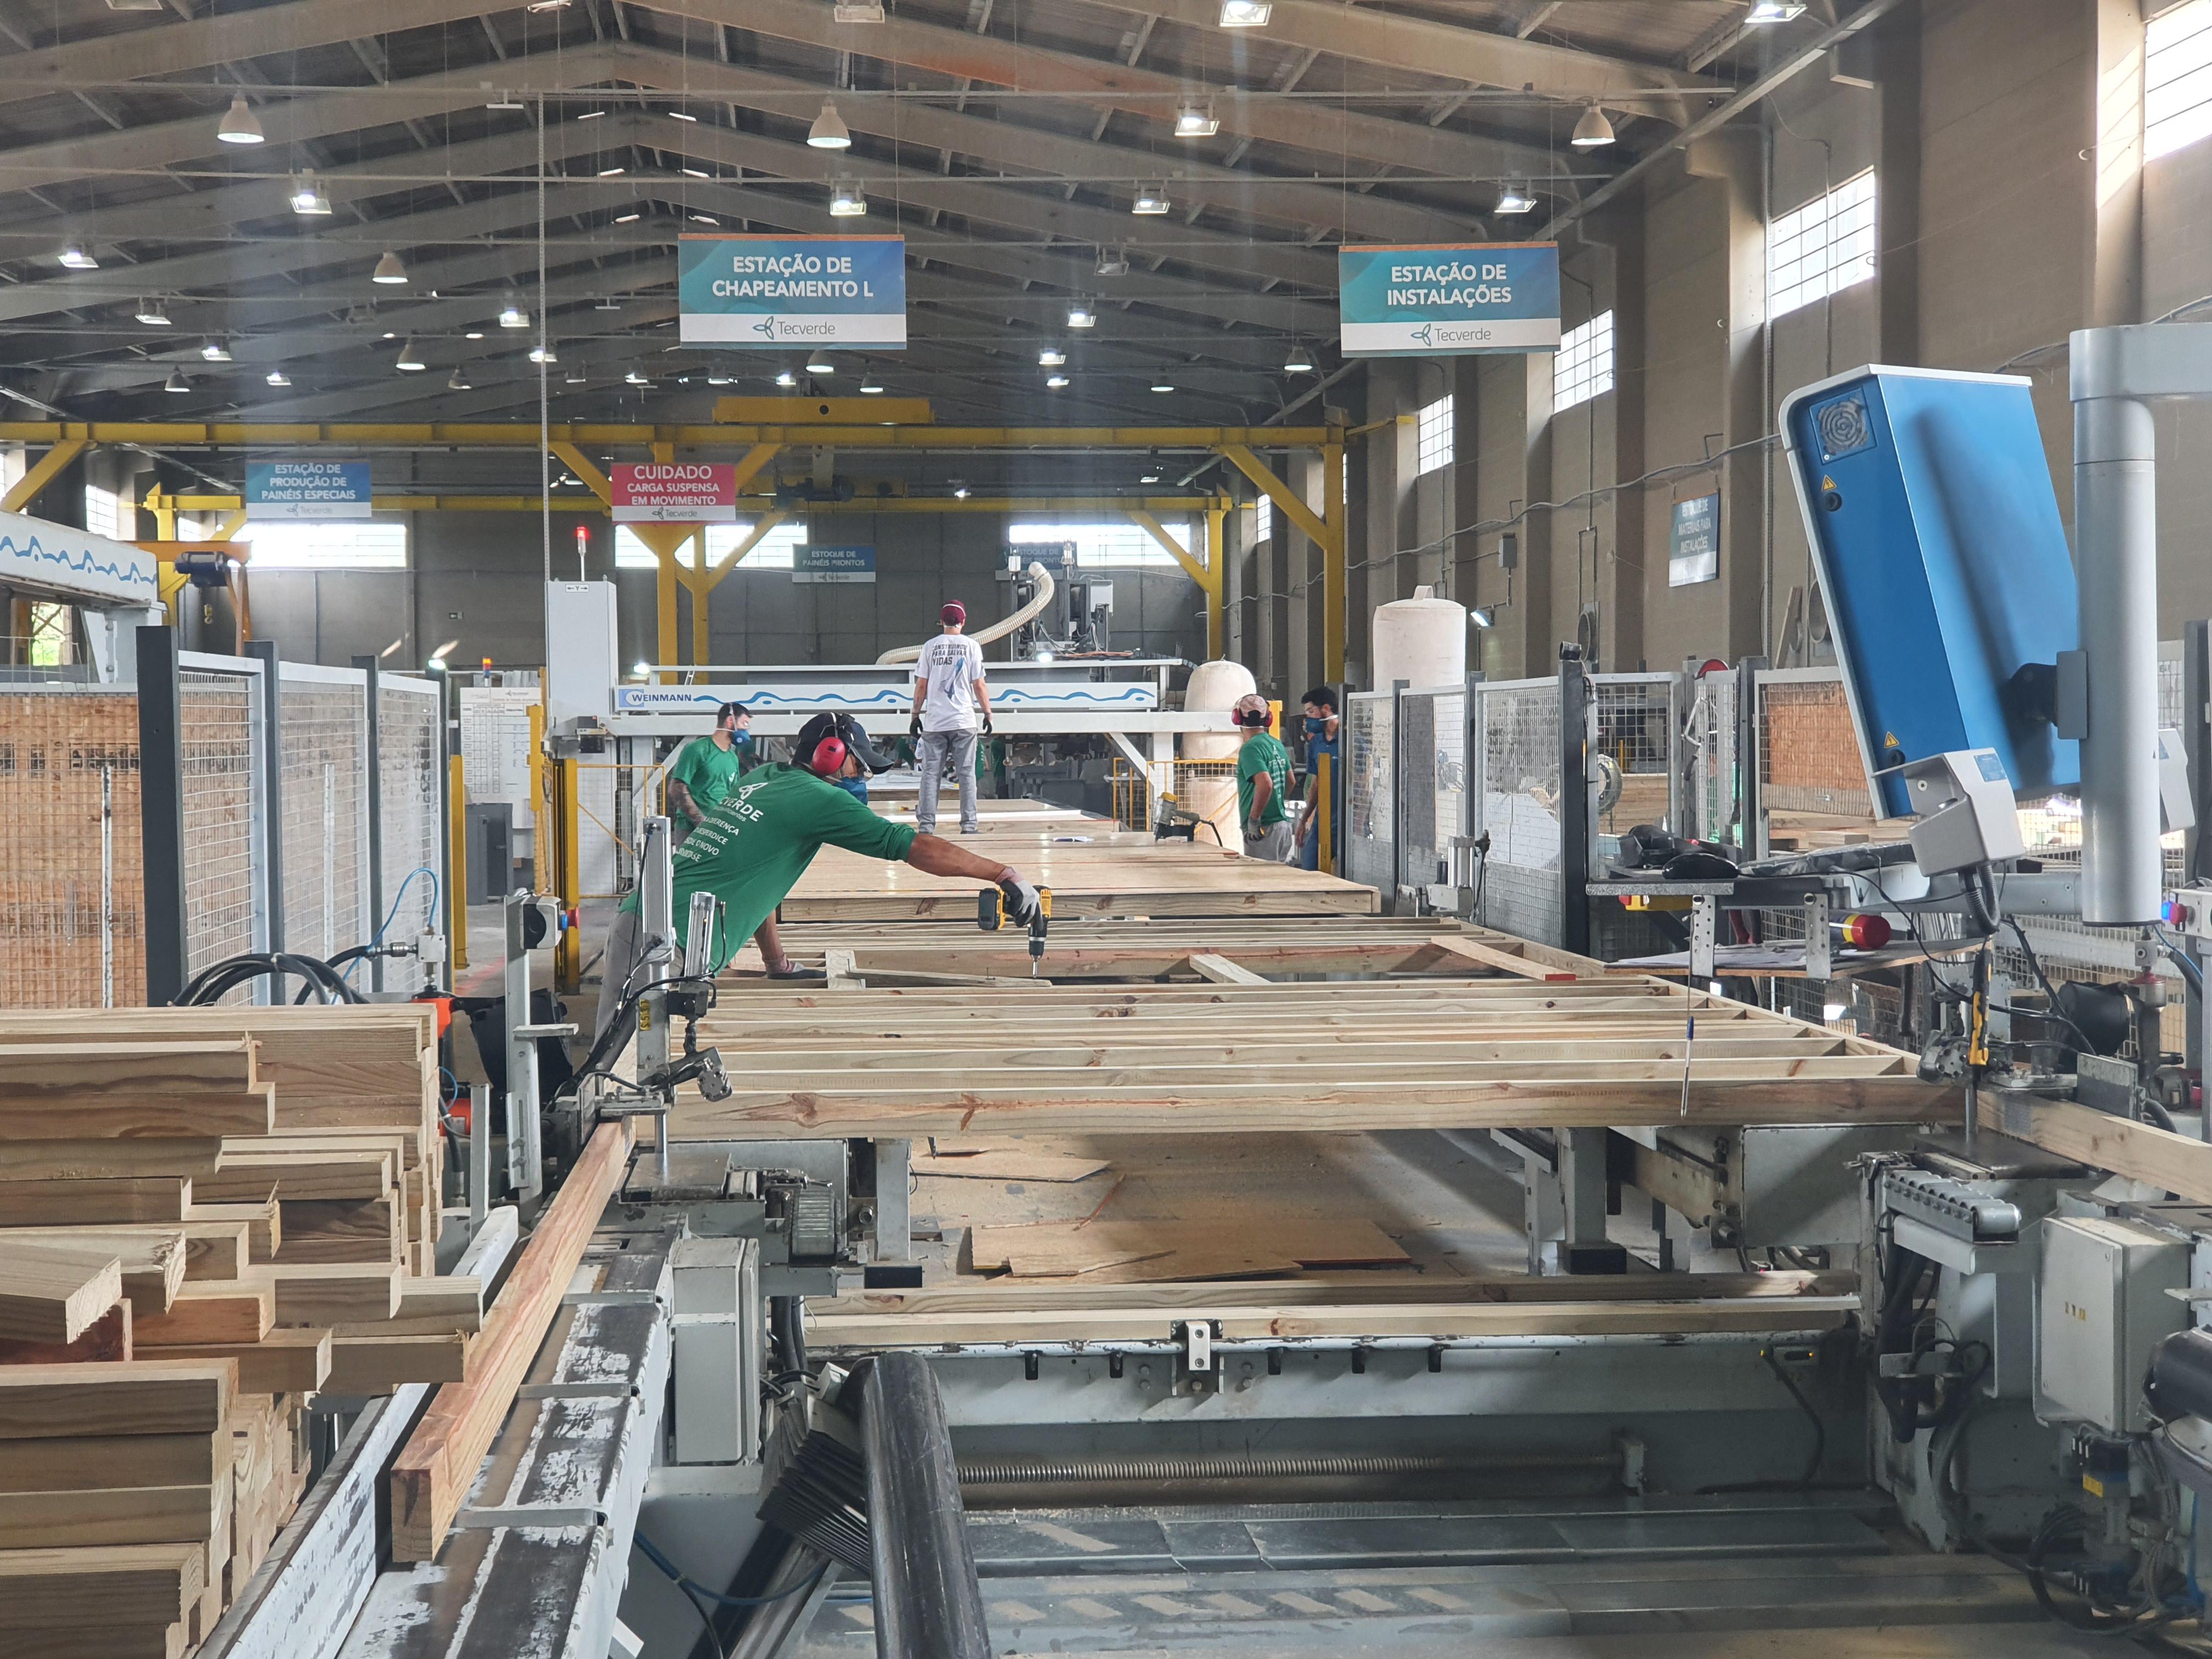 Fábrica da Tecverde em Araucária (PR)